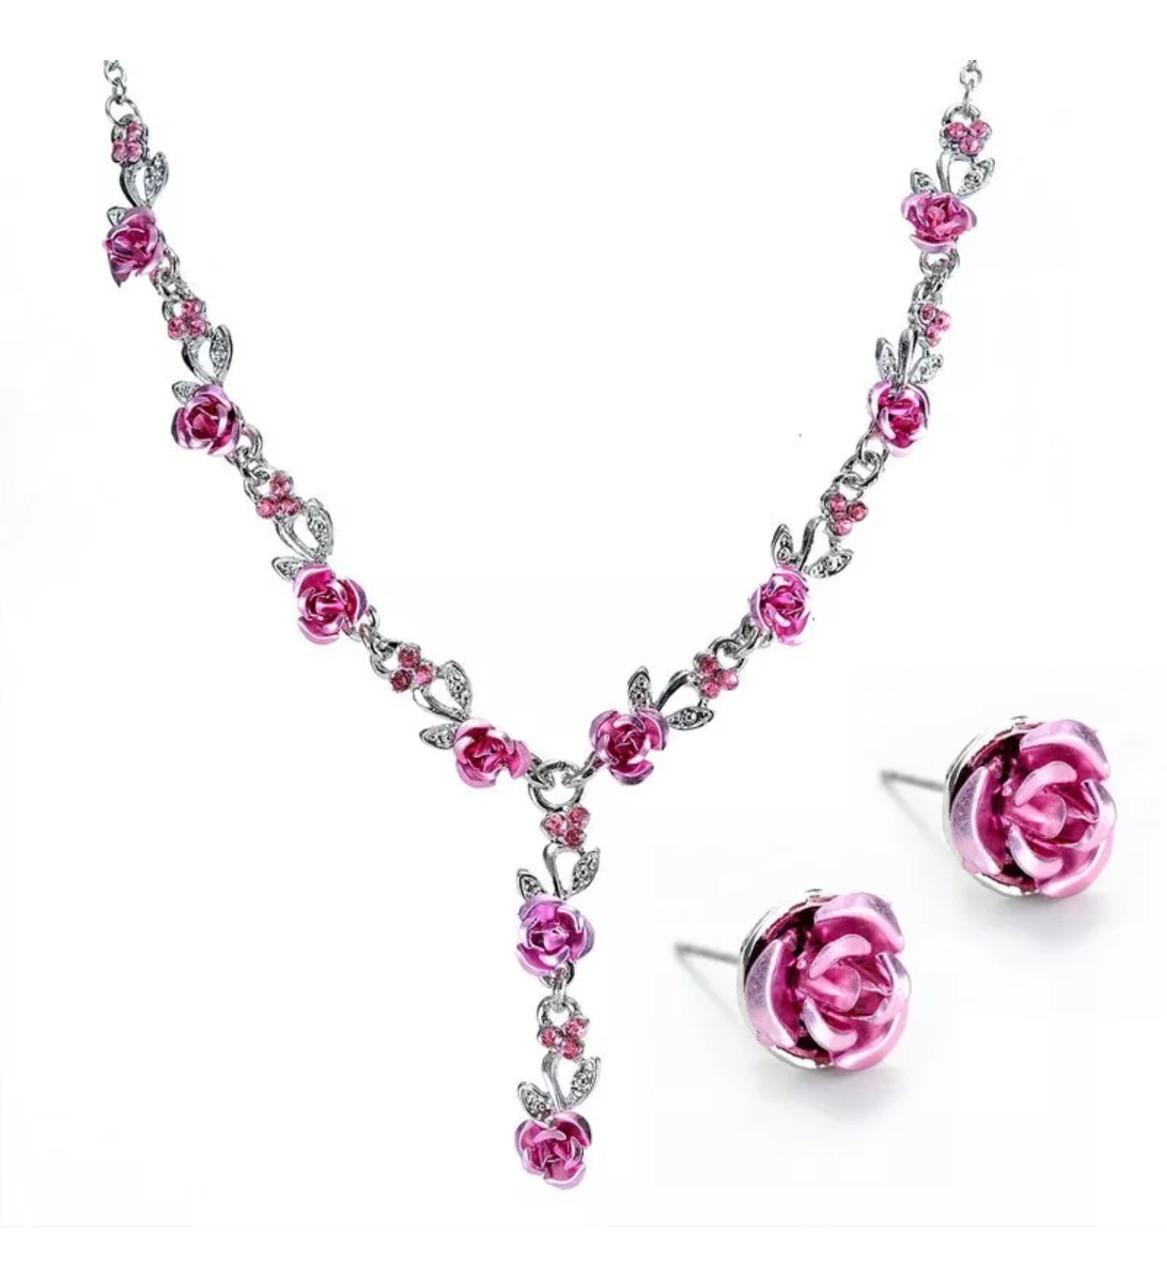 Ожерелье женское с сережками «Rose mood» нежное и женственное розочки (розовый)